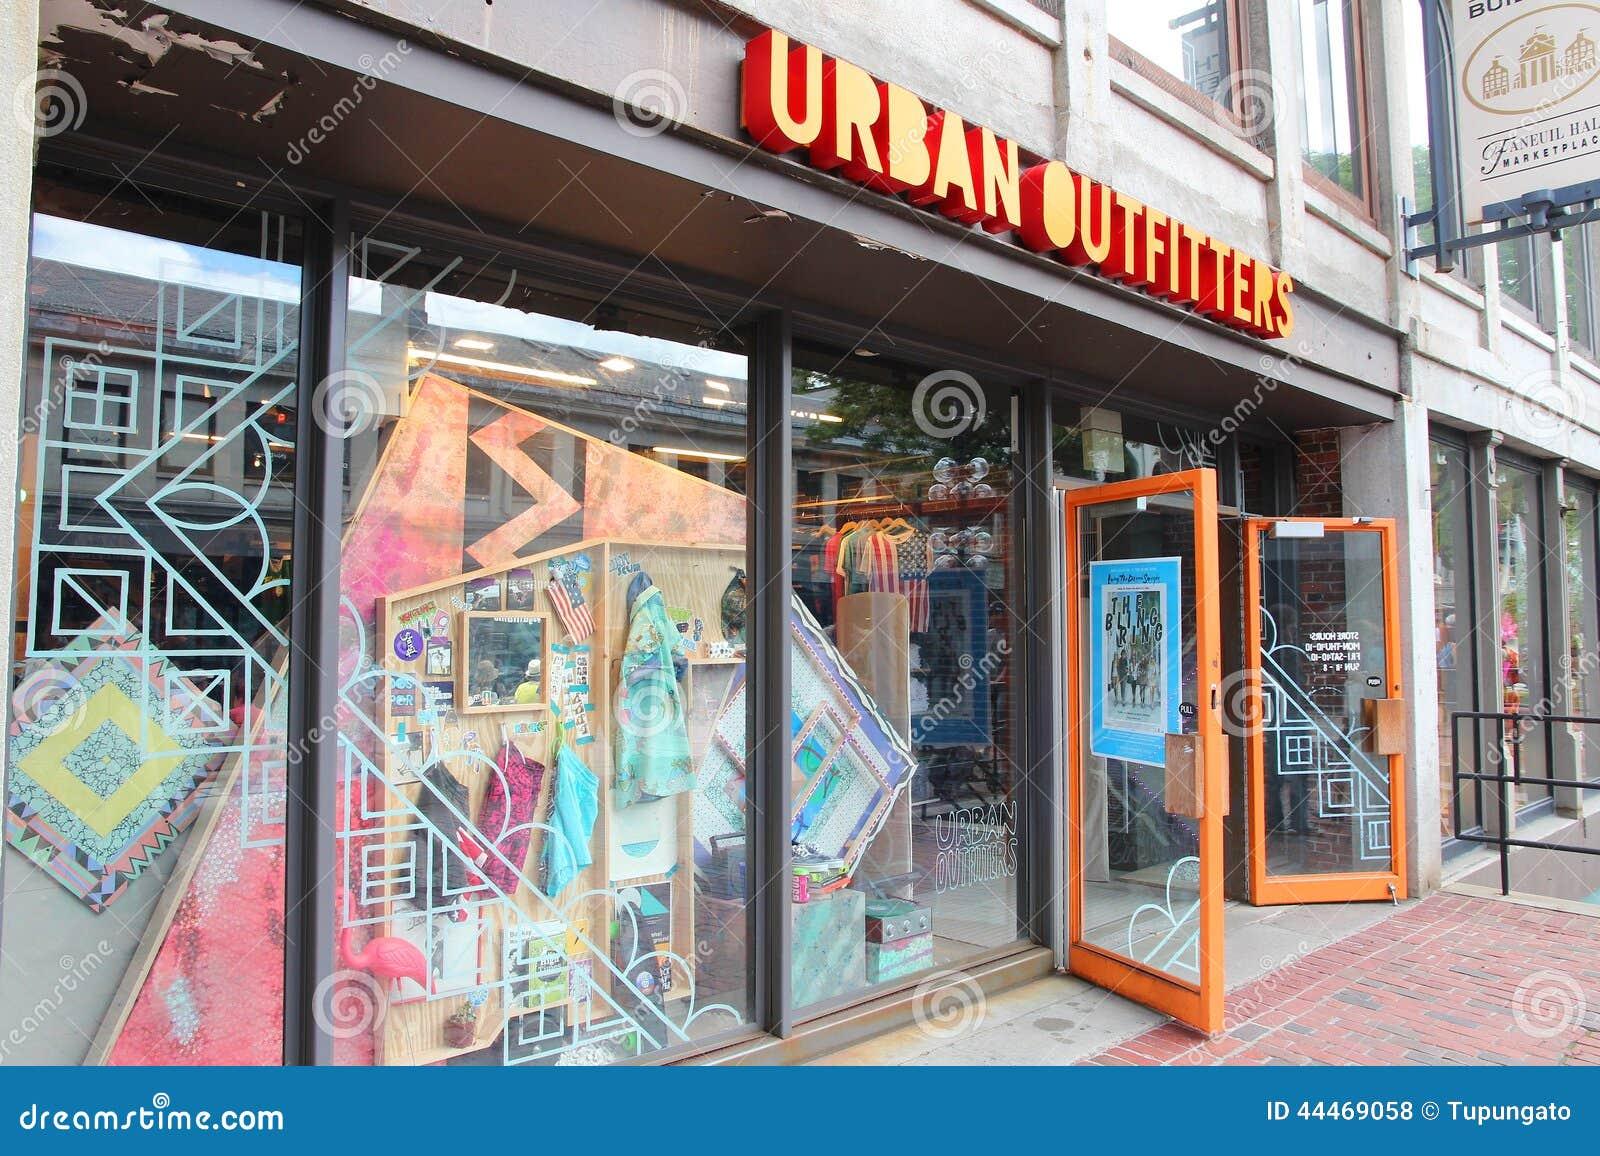 Fornitori urbani